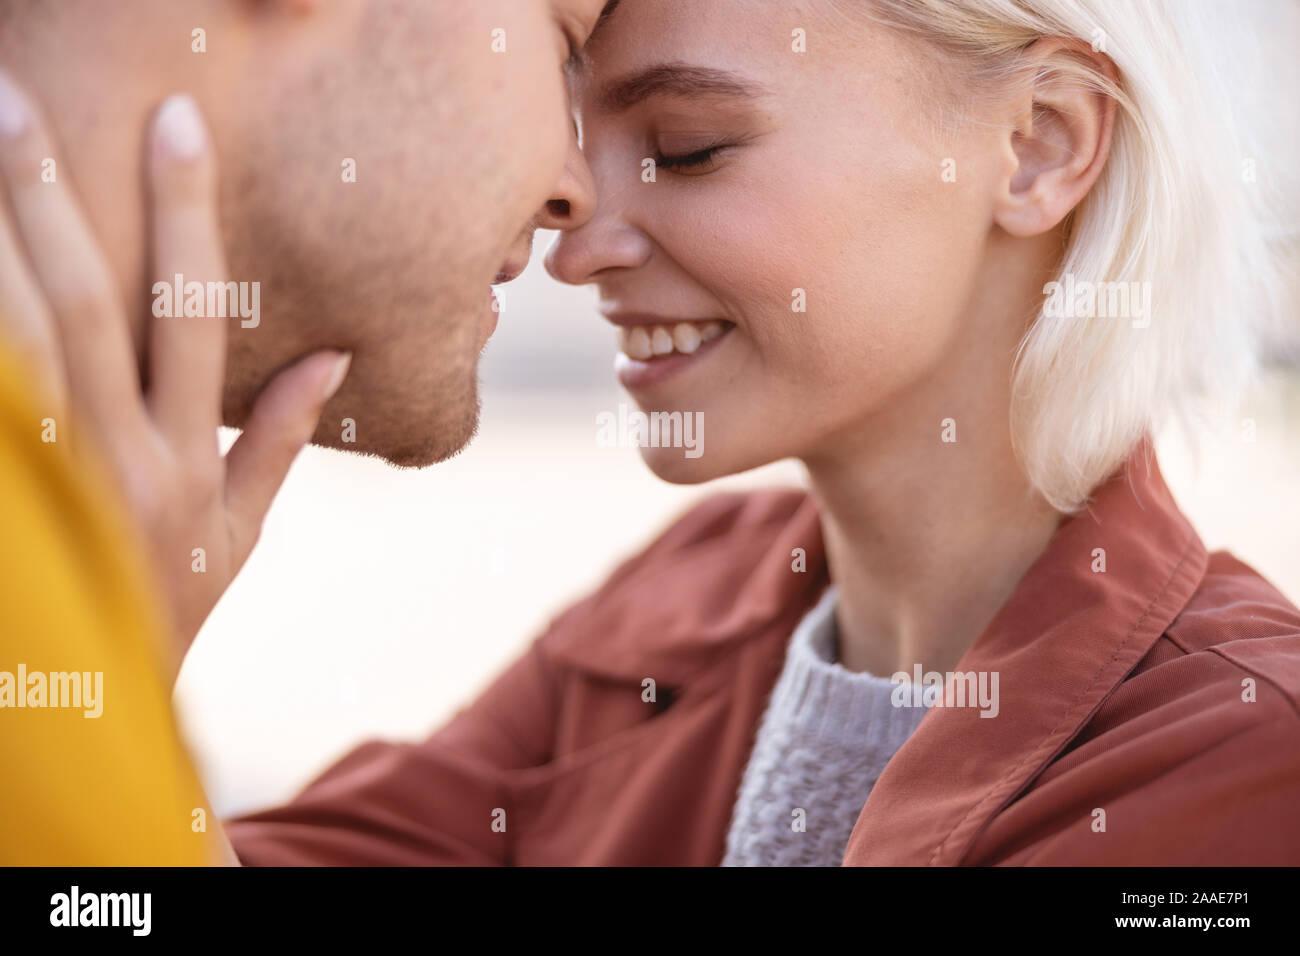 Due le persone che si preparano per il loro primo bacio Foto Stock